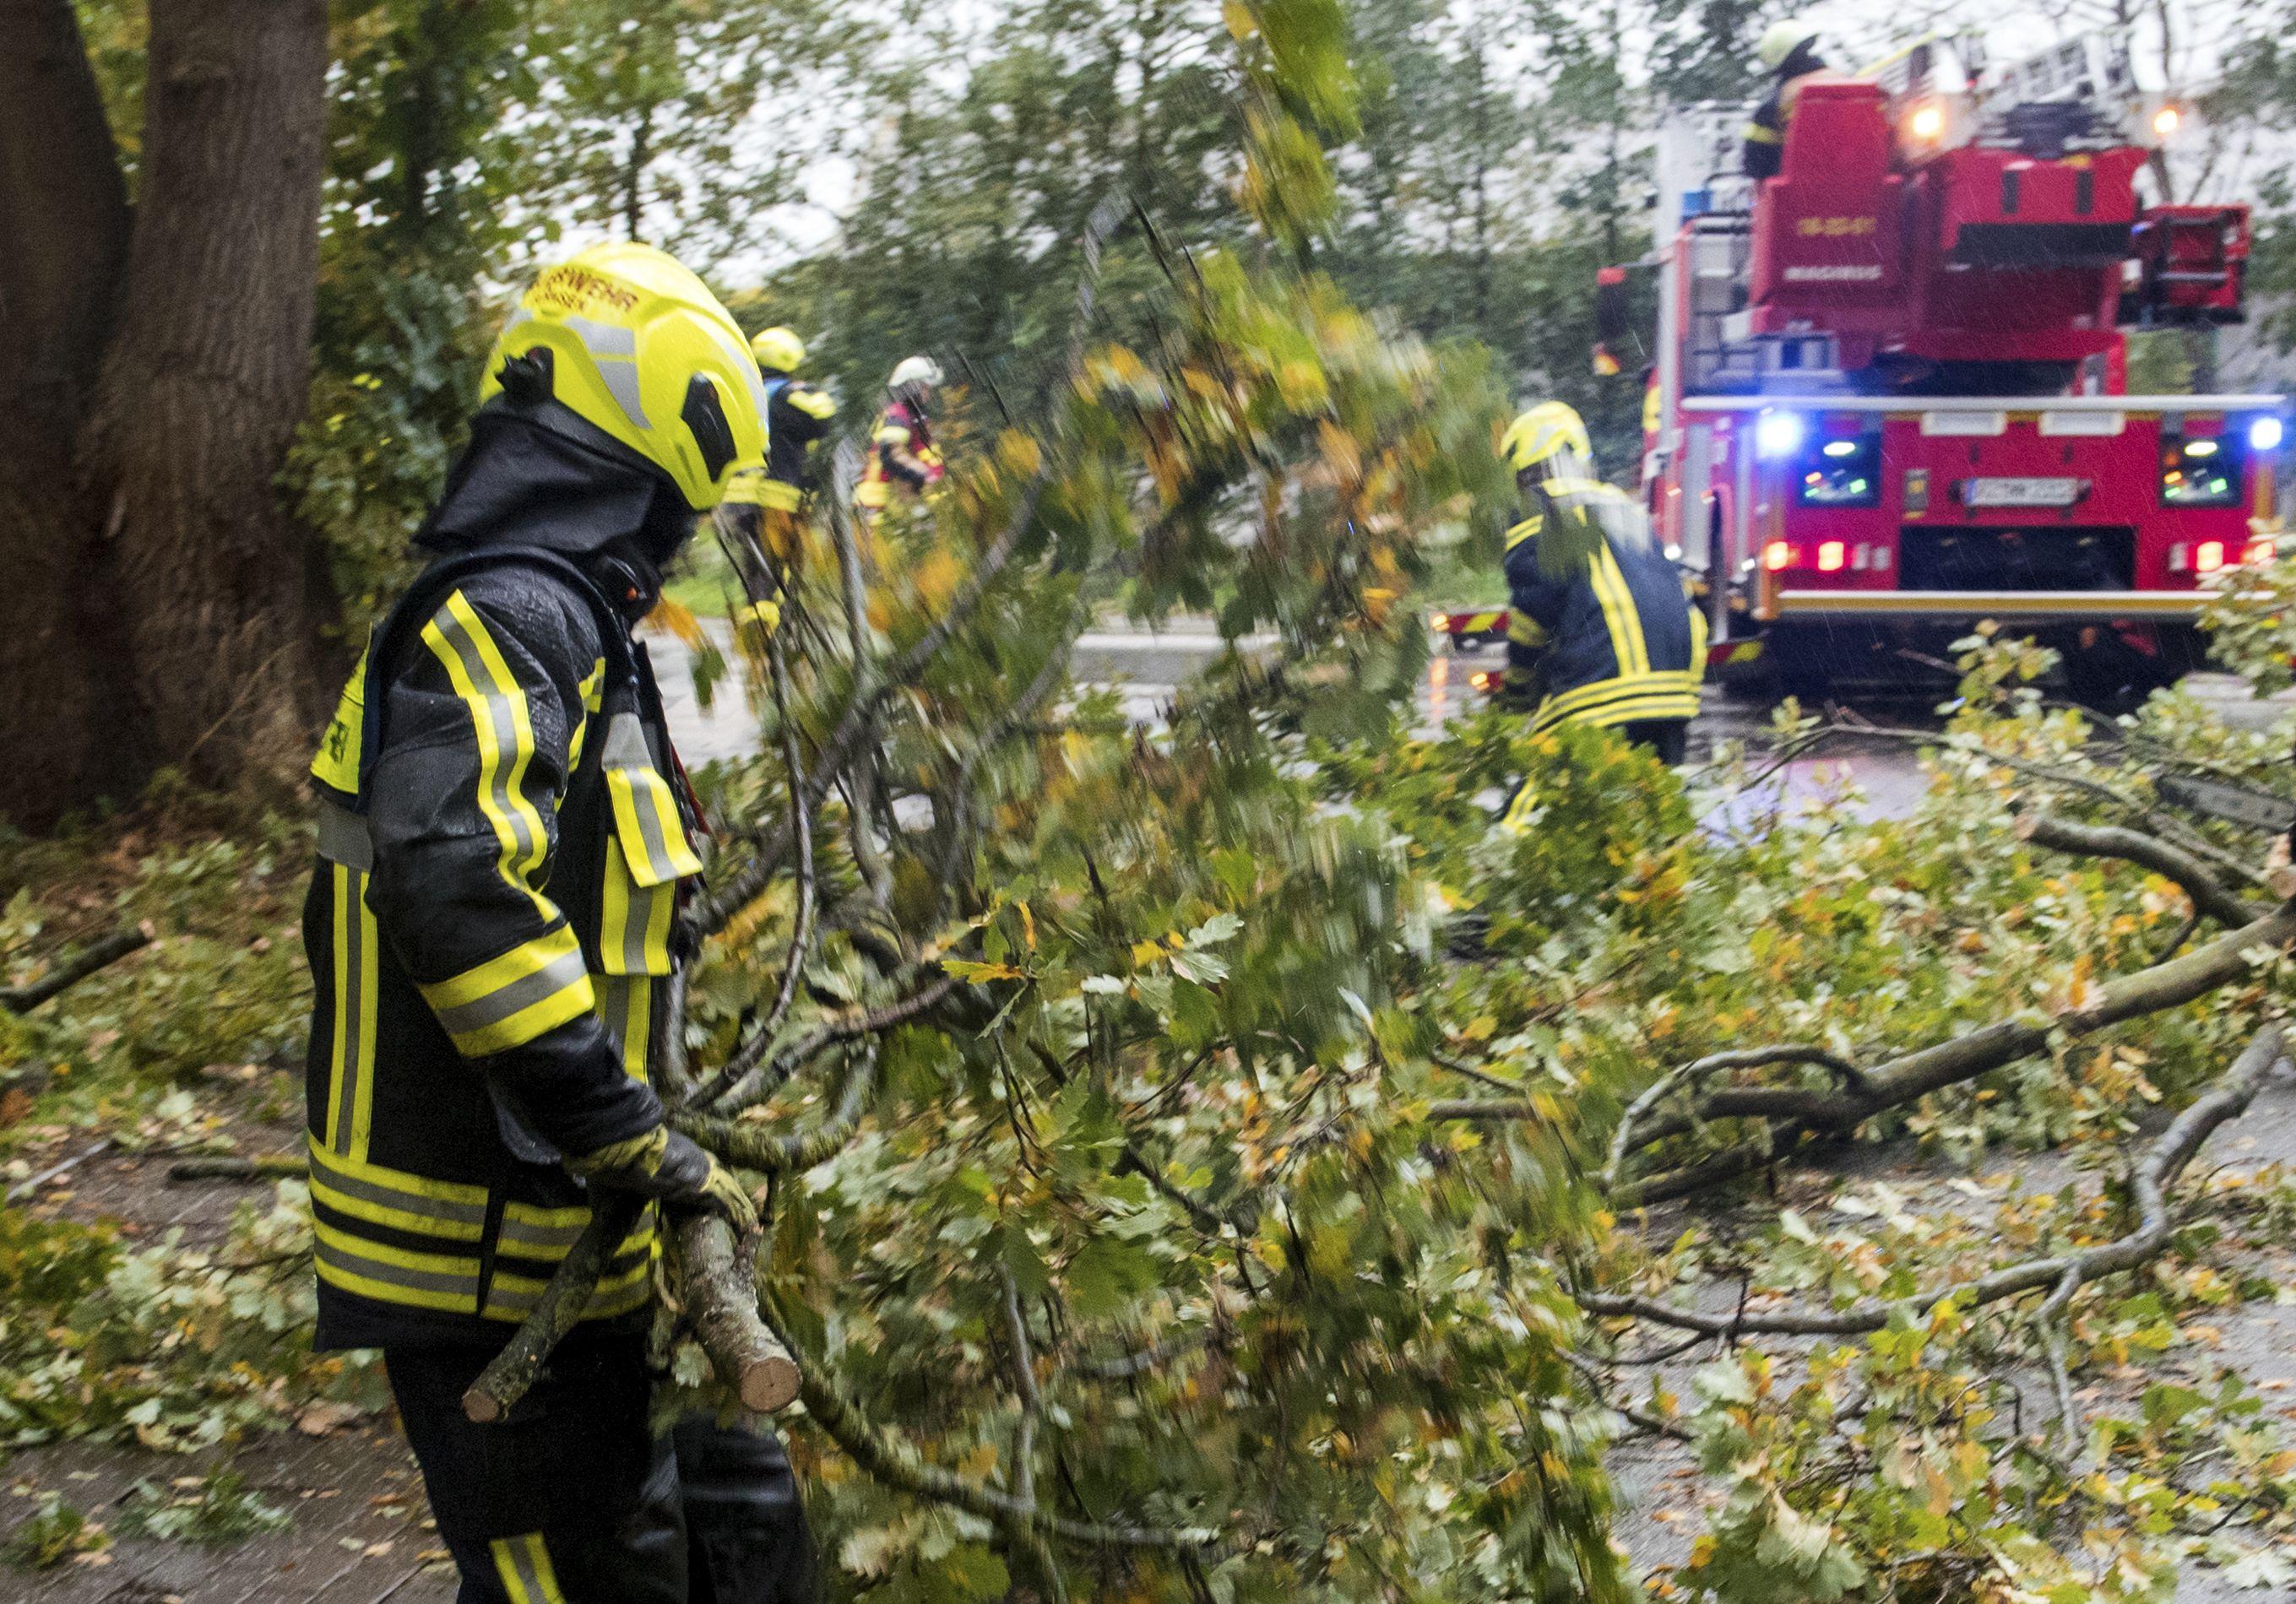 Vendavales causan daños y complicaciones en oeste de Europa